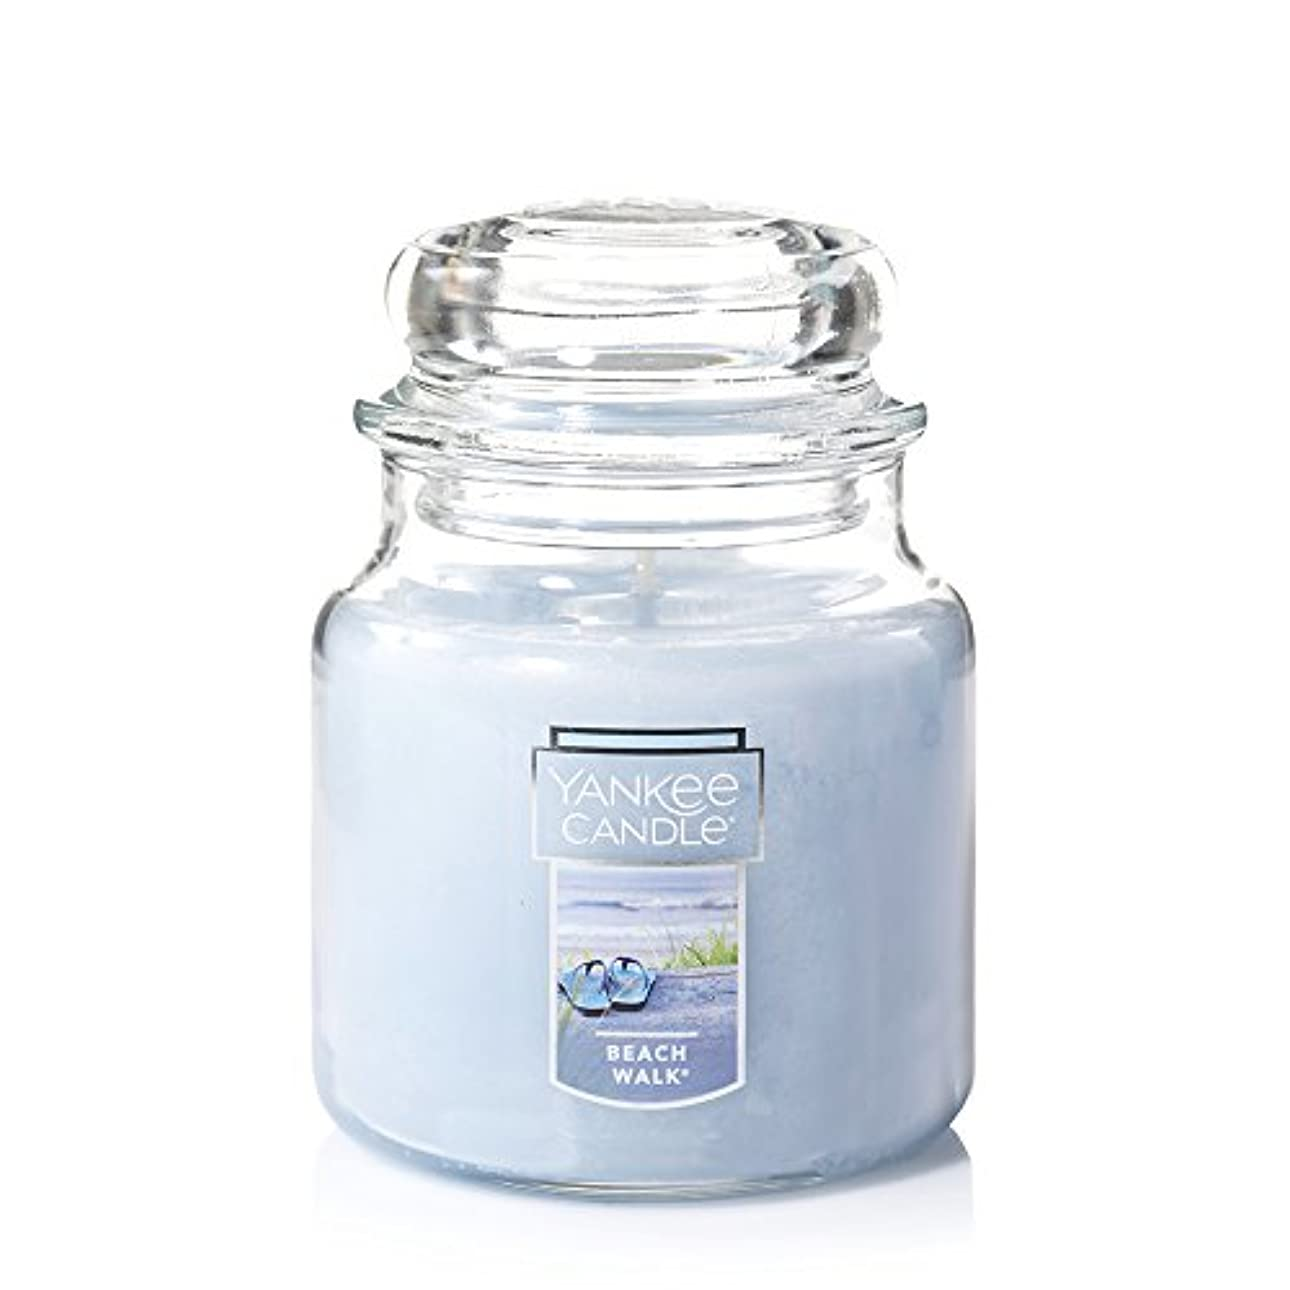 分析的なファイナンス机Yankee Candle Beach Walk Large Jar 22oz Candle Small Jar Candles ブルー 1129793